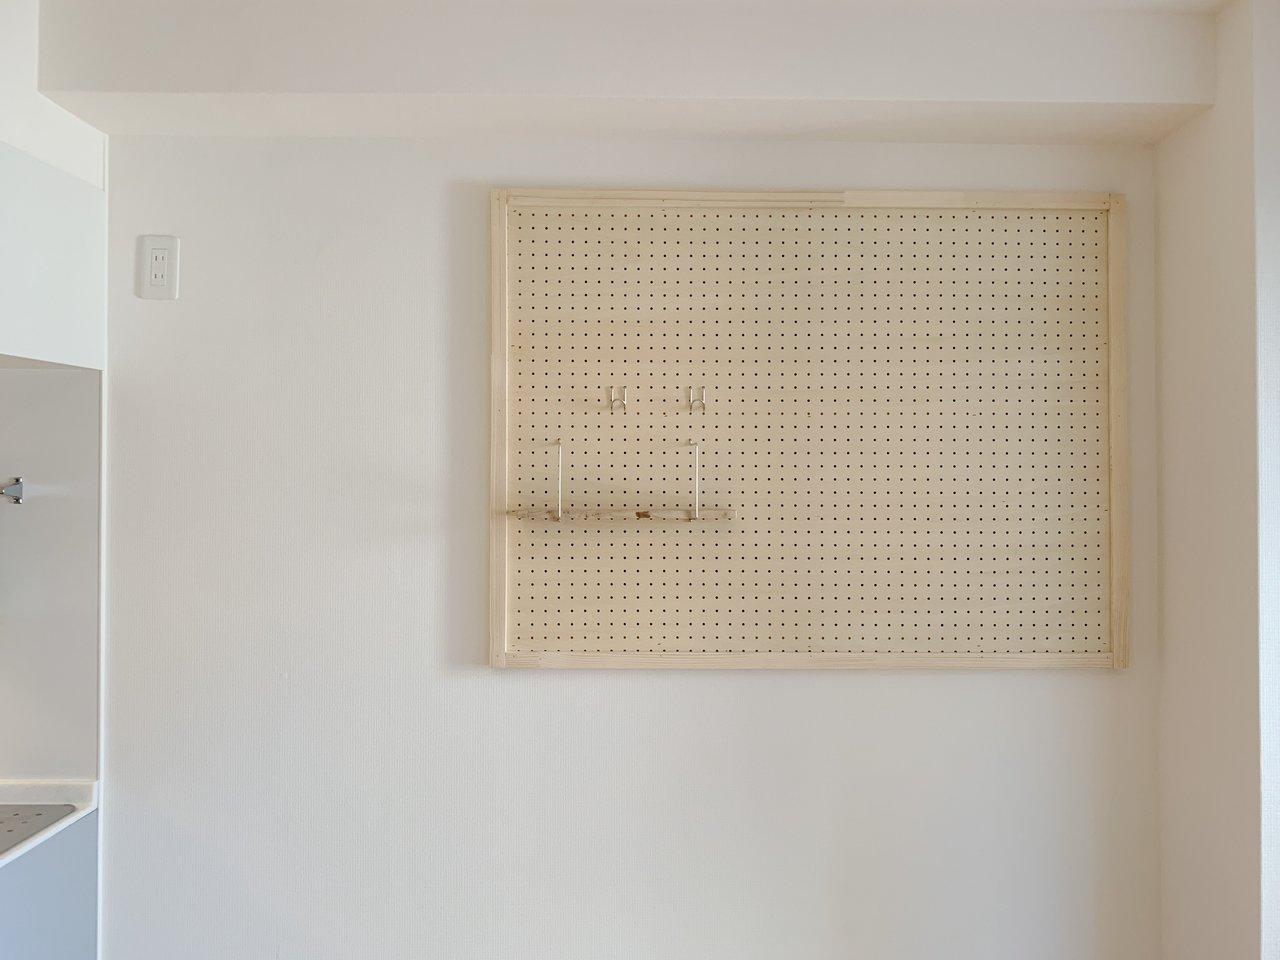 壁には自在に使える有孔ボードつき!